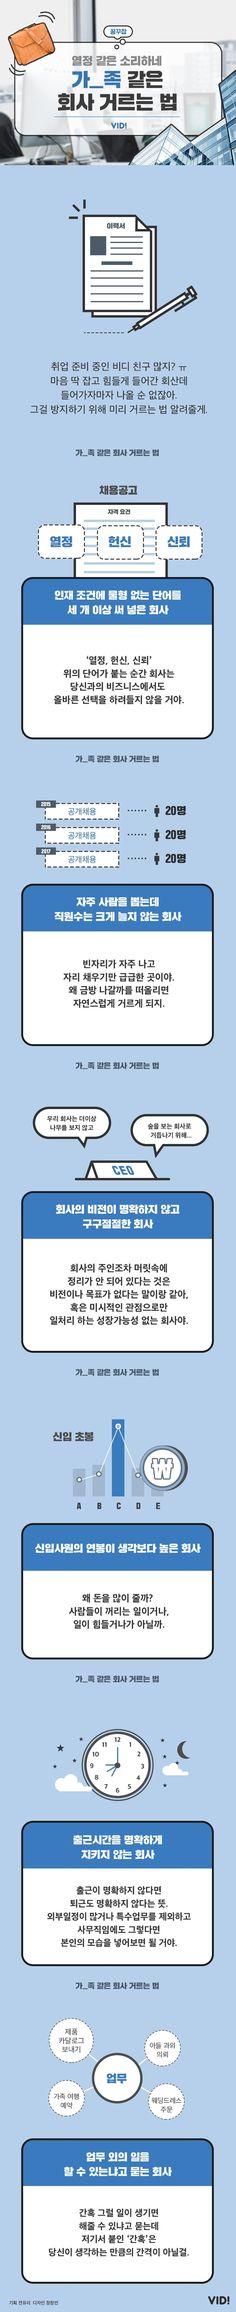 열정 같은 소리하네 가족 같은 회사 거르는 법 [카드뉴스] #society #cardnews Ppt Design, Pop Up, Infographics, Promotion, Korea, Lettering, Future, Cards, Poster